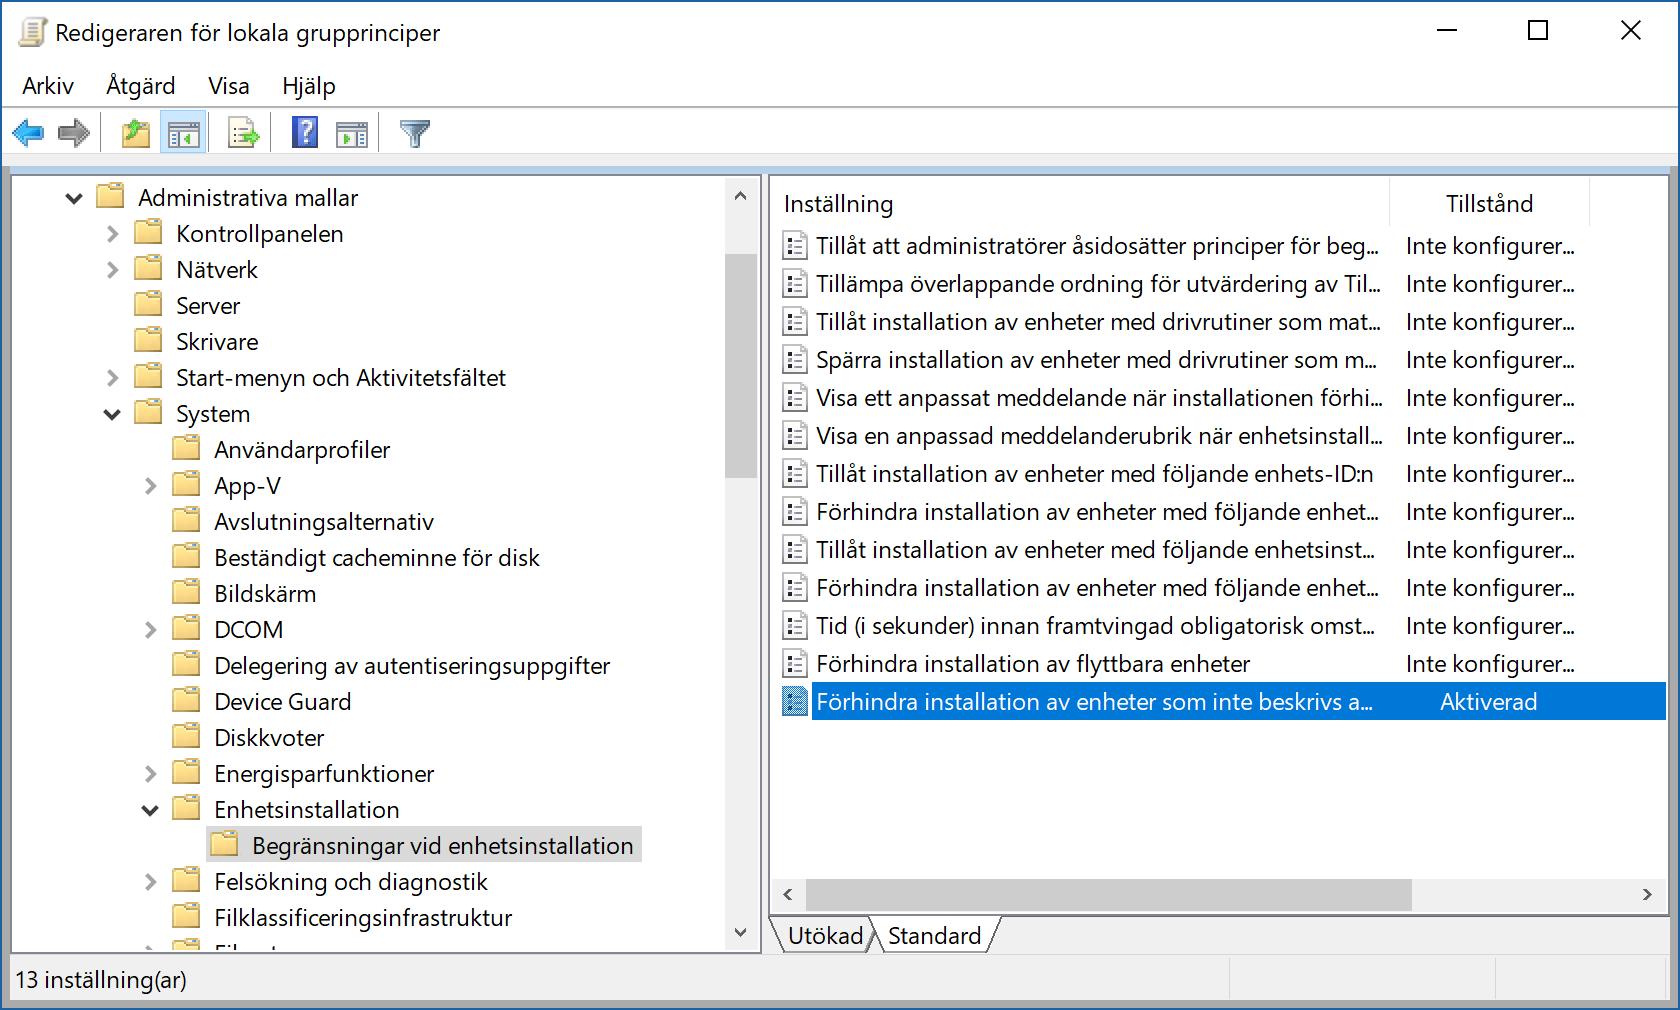 """Inställningen """"Förhindra installation av enheter som inte beskrivs av andra principinställningar"""" visas i Windows gruppolicyredigerare."""